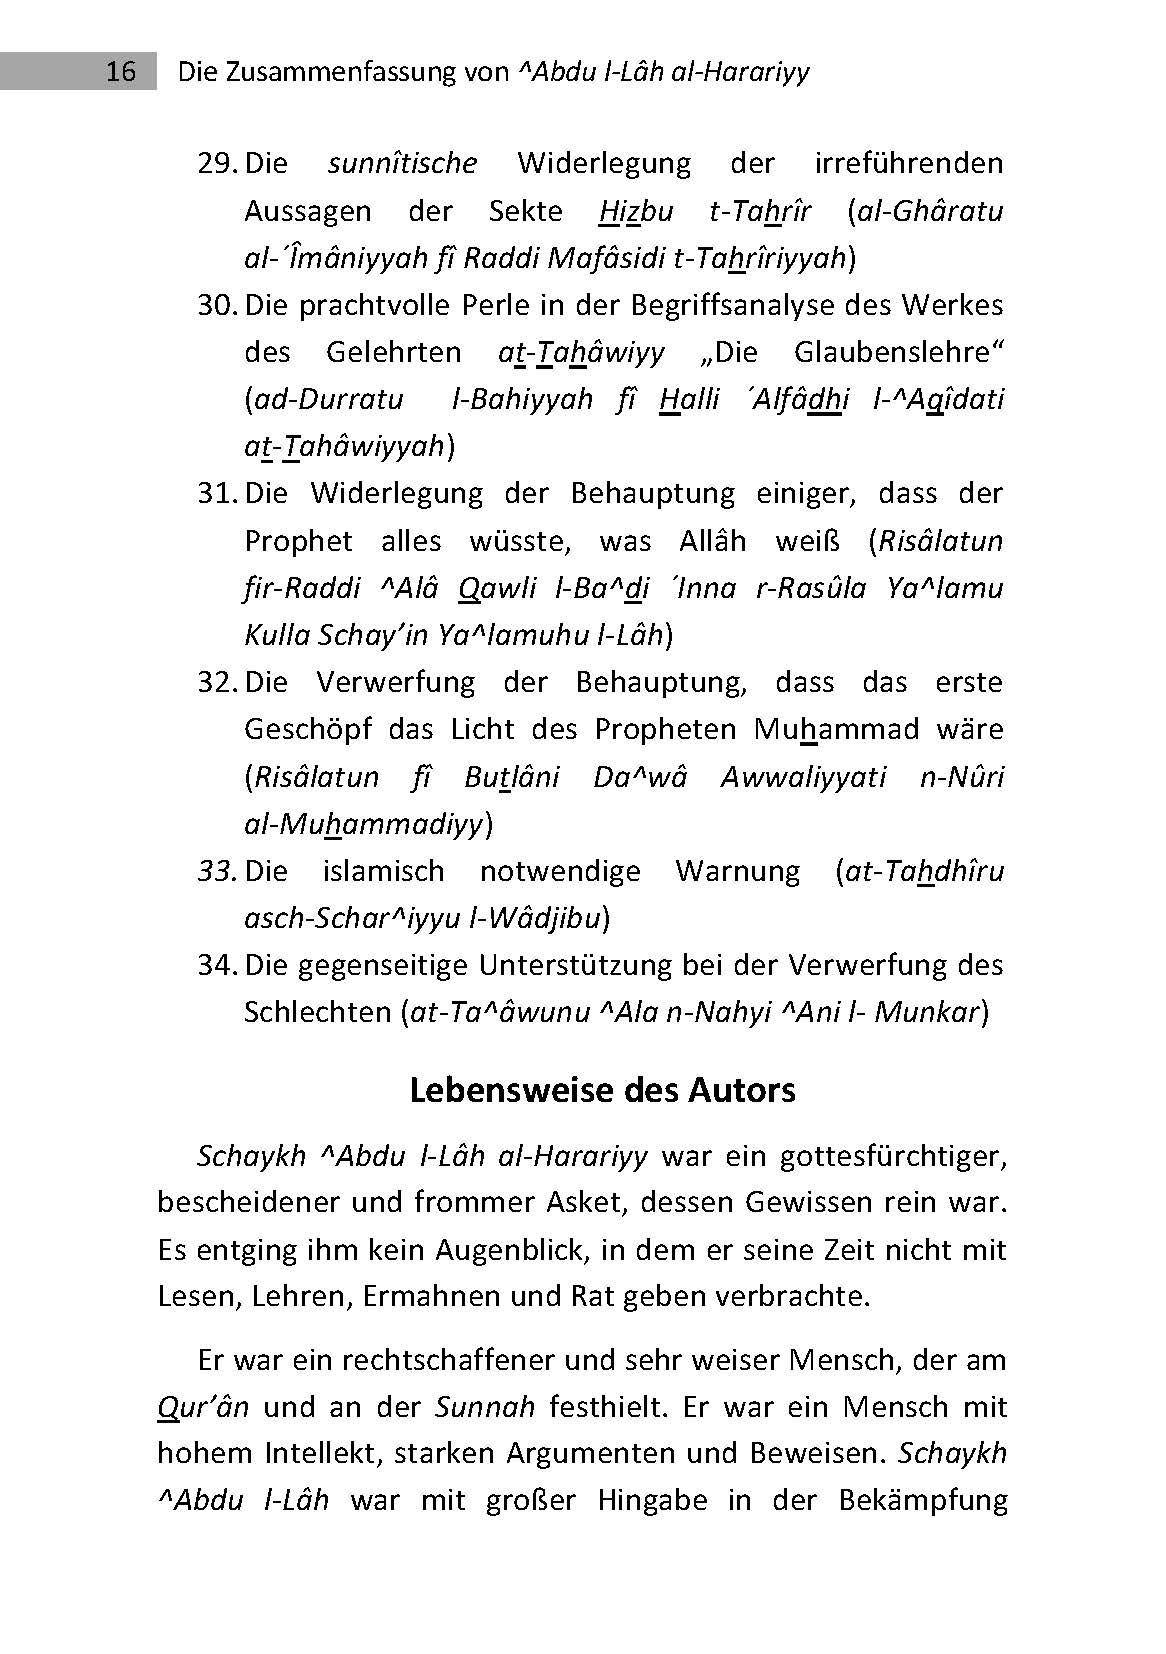 Die Zusammenfassung - 3. Auflage 2014_Seite_16